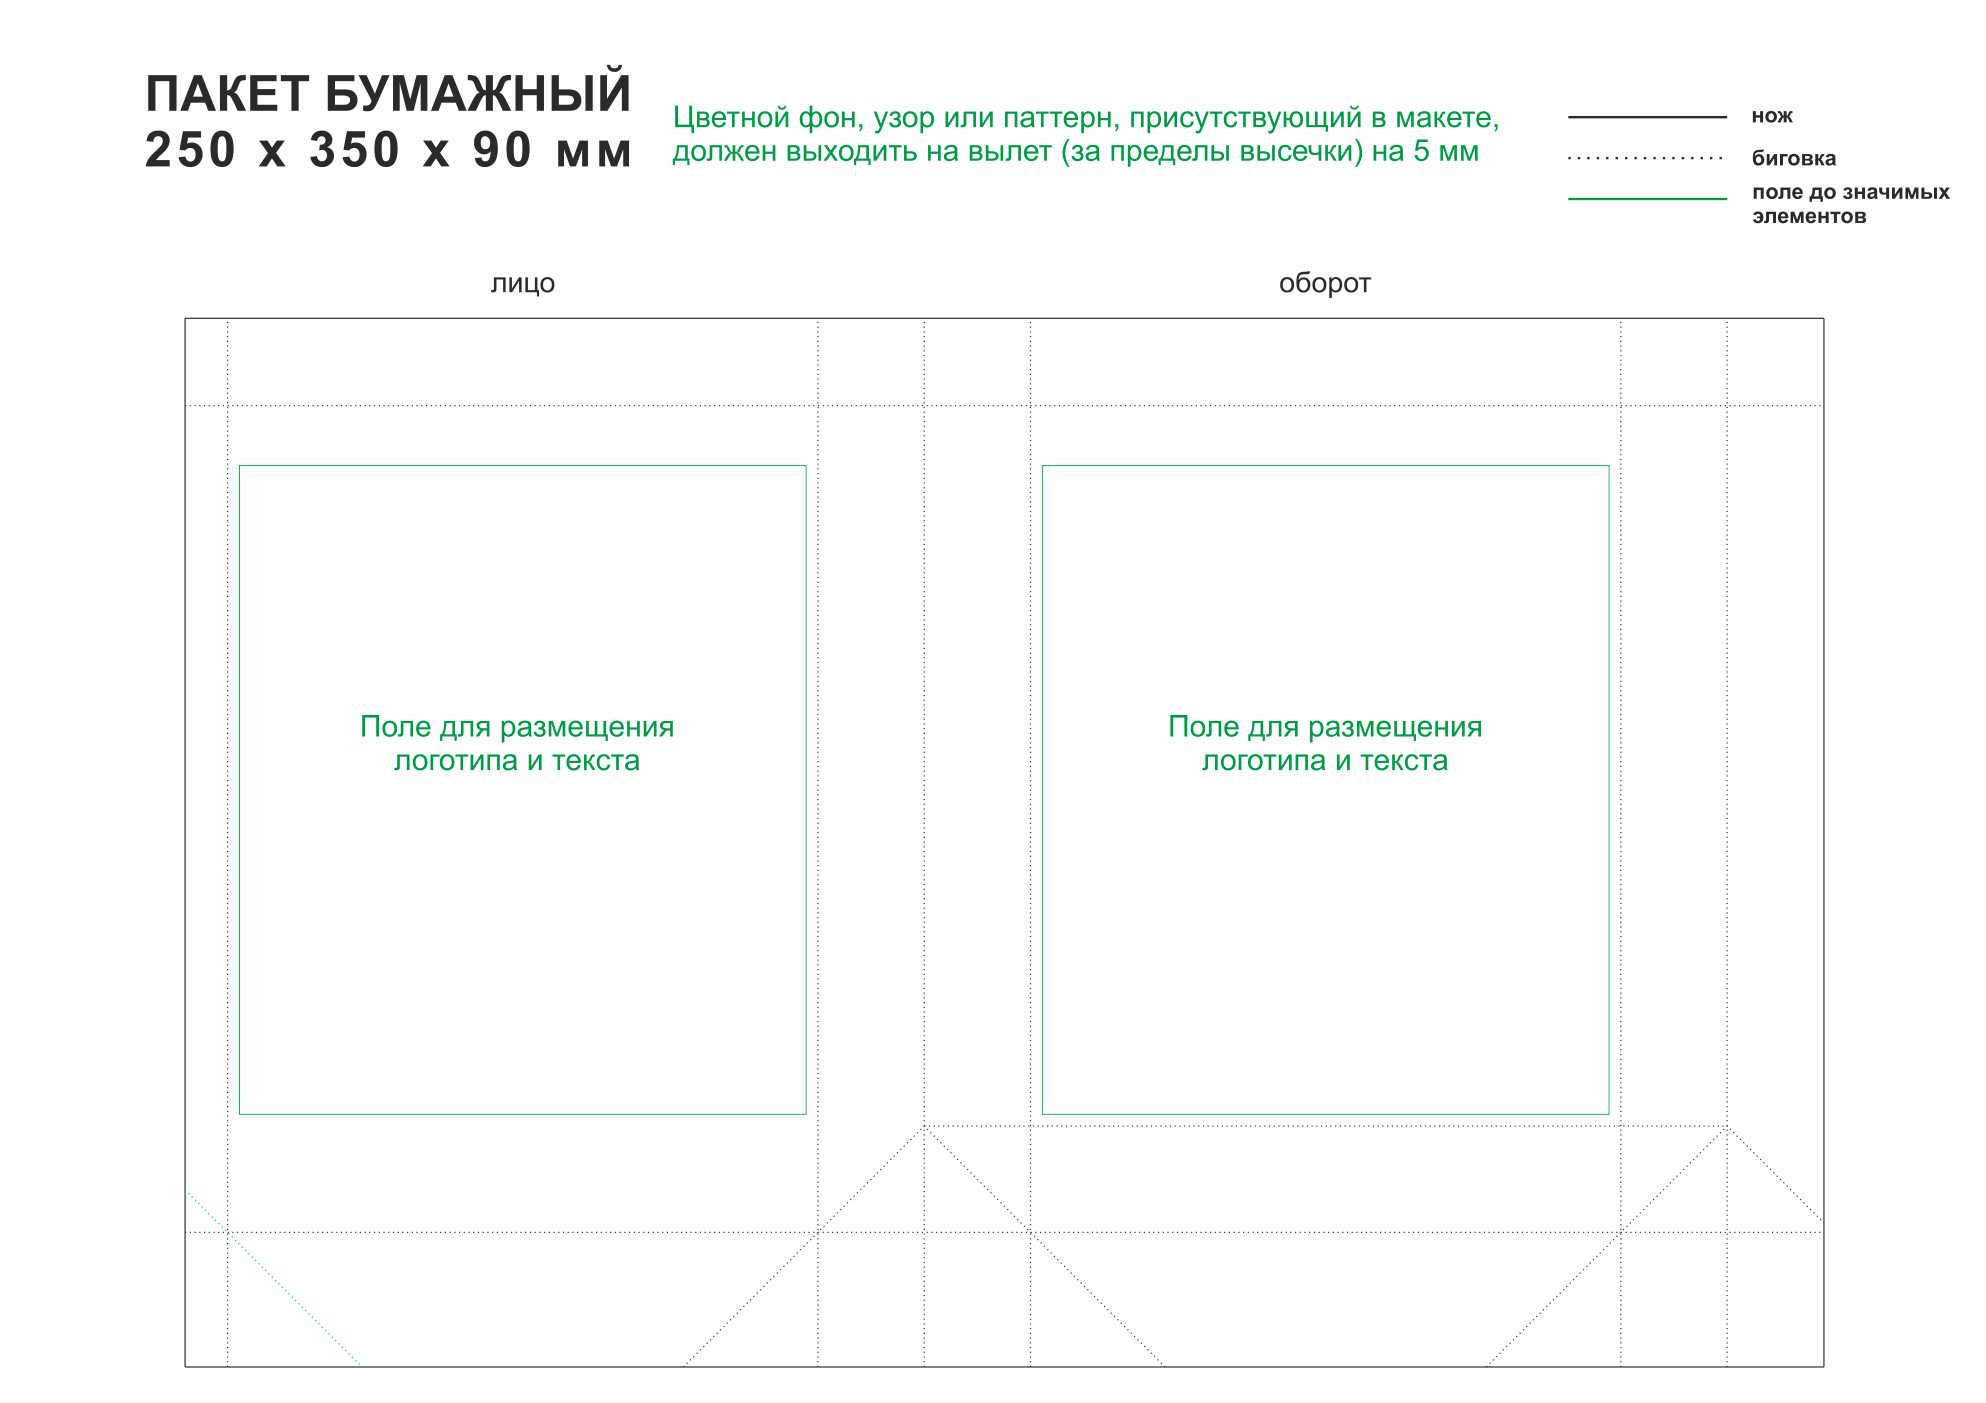 появляется макет открытки сверстать отправить послание можно